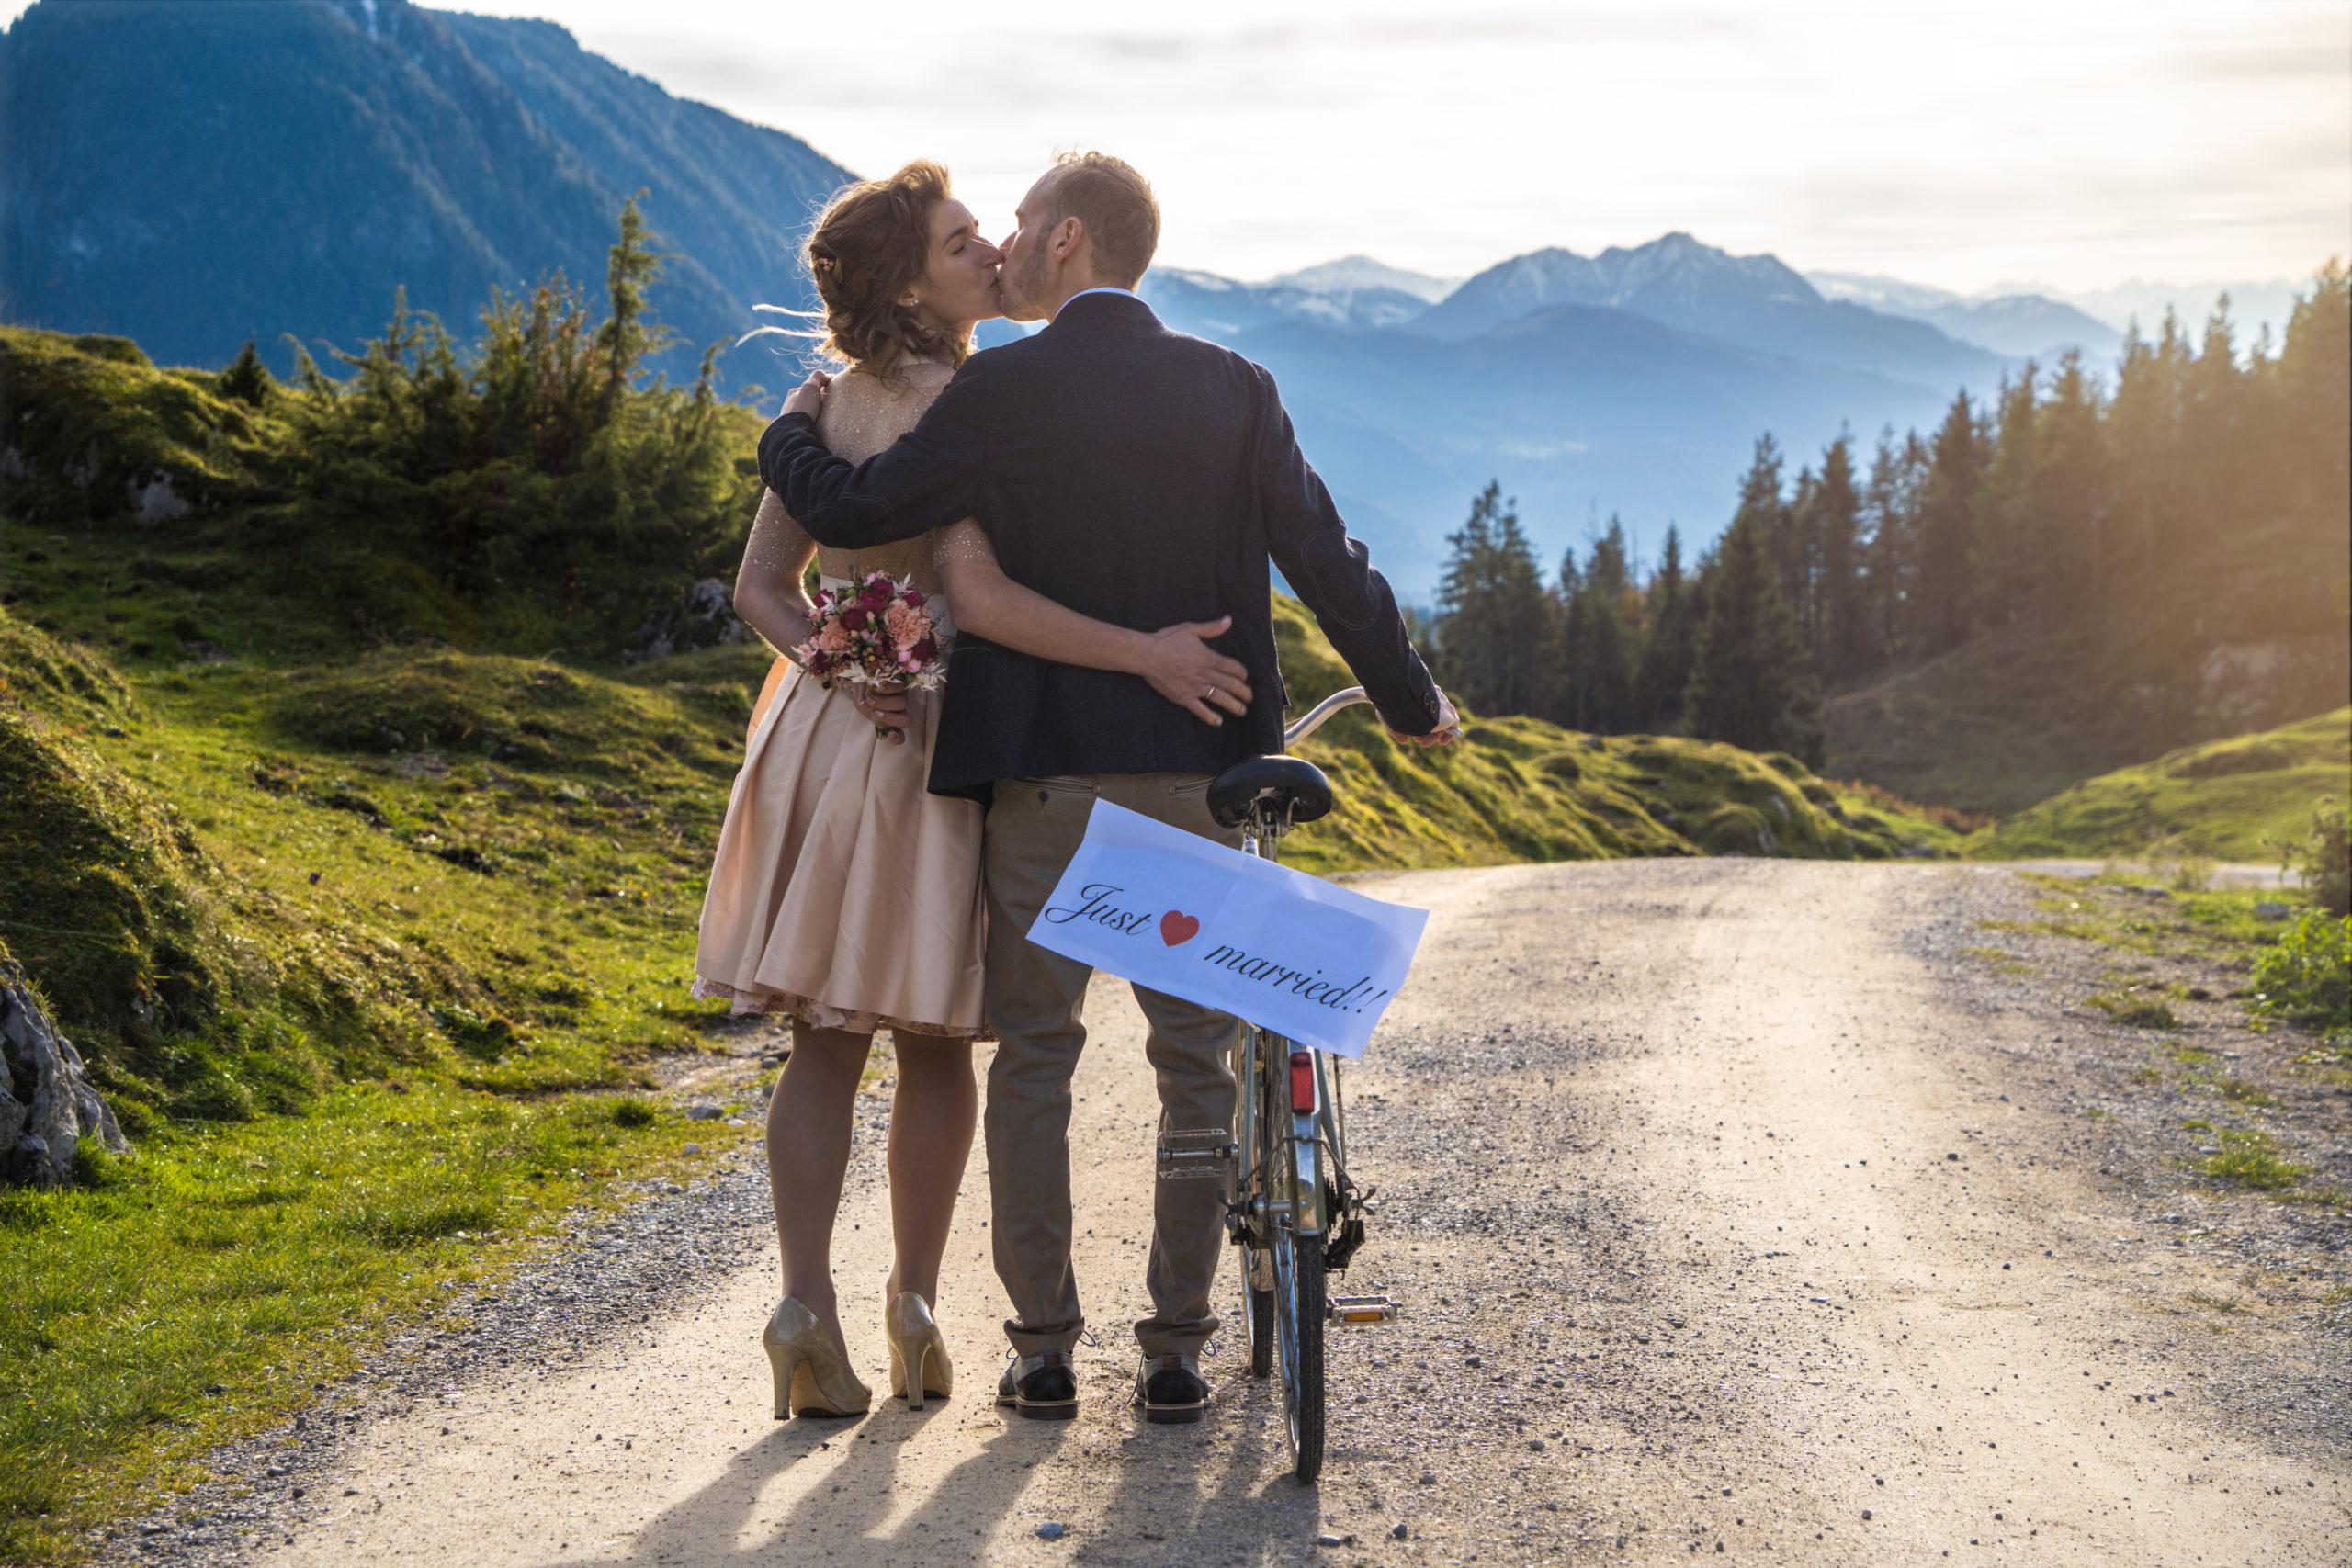 Brautpaar auf dem Weg mit Fahrrad